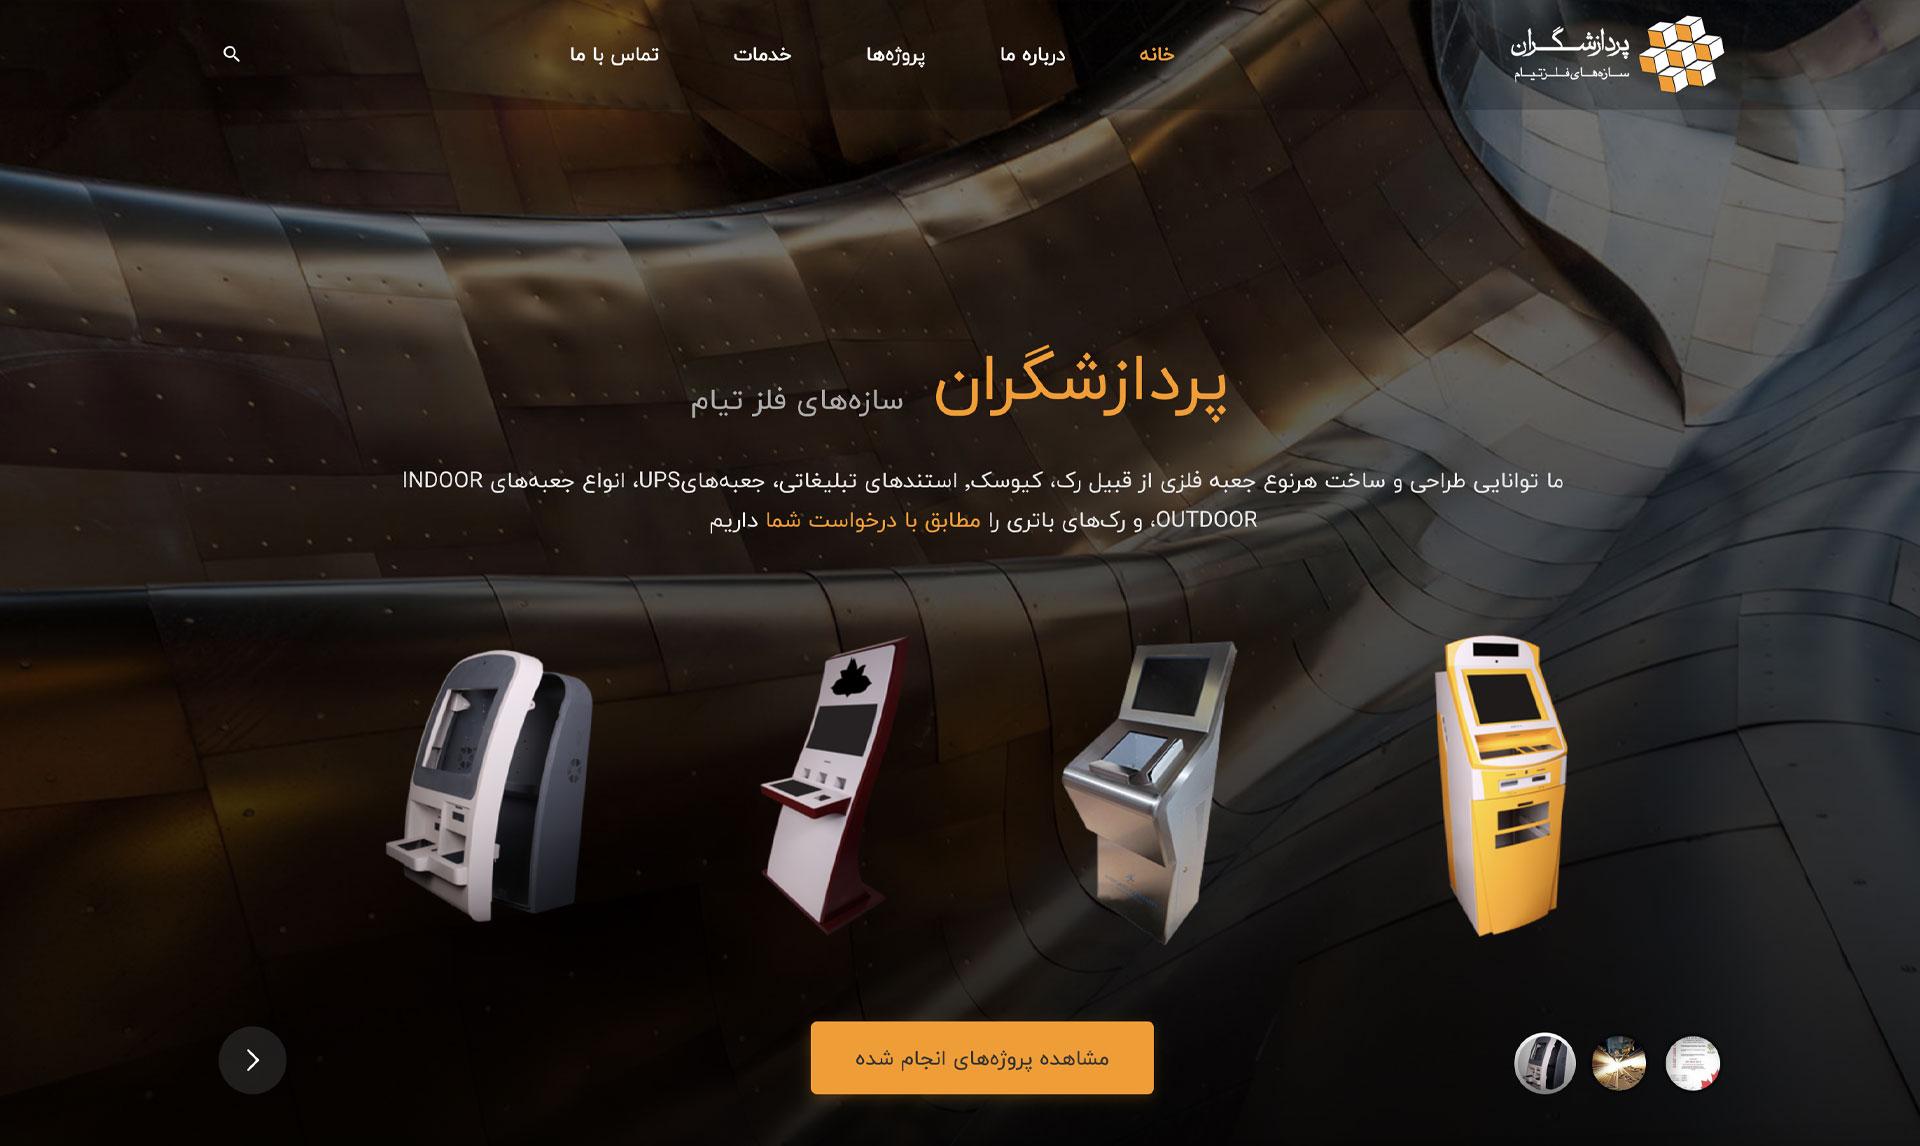 نمونه کار طراحی وب سایت شرکت پردازشکران